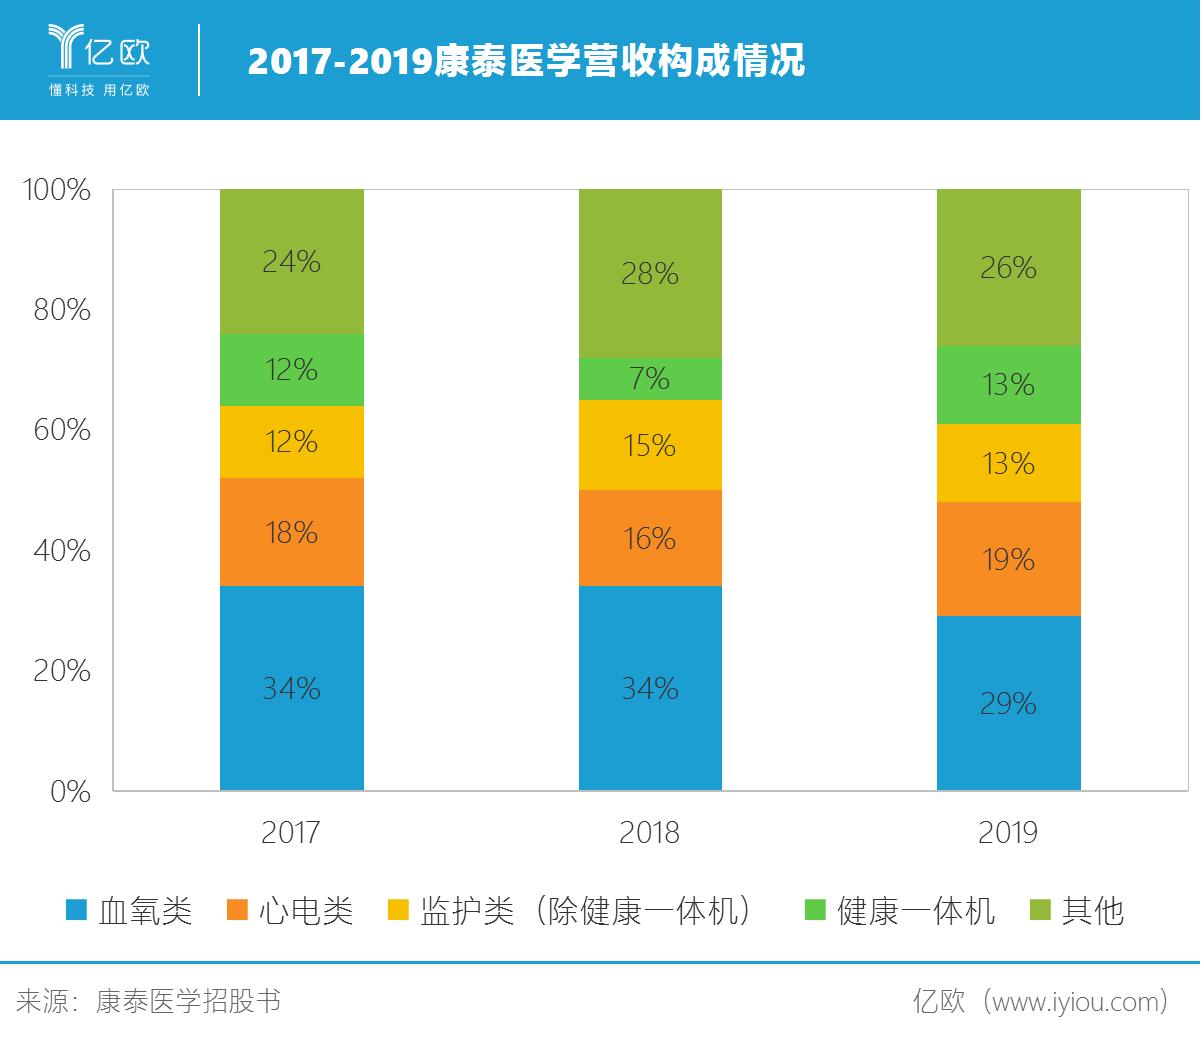 2017-2019康泰醫學營收構成情況.png